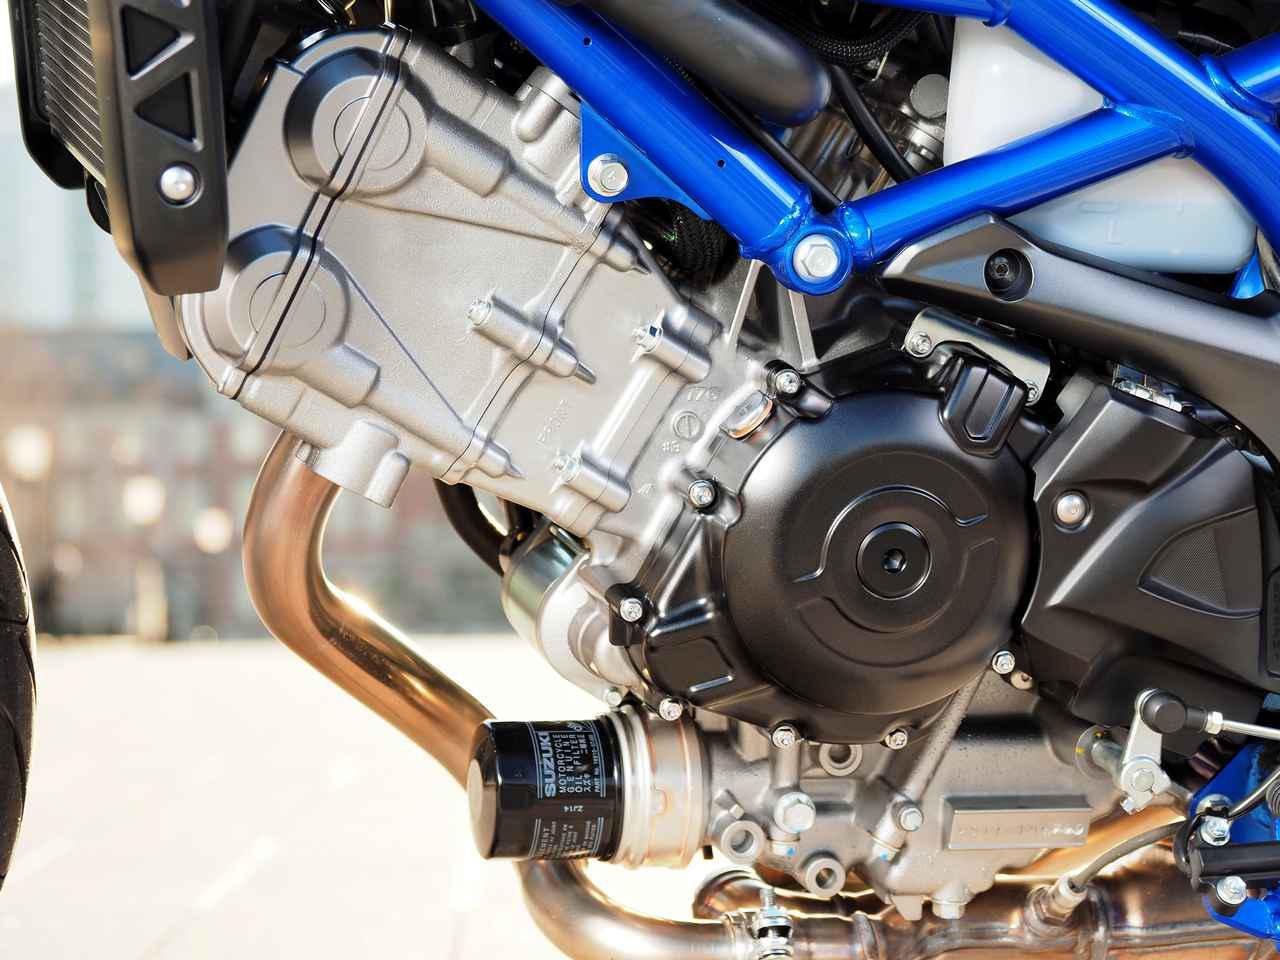 画像4: SV650は『ブレーキ強化』で何が変わる?